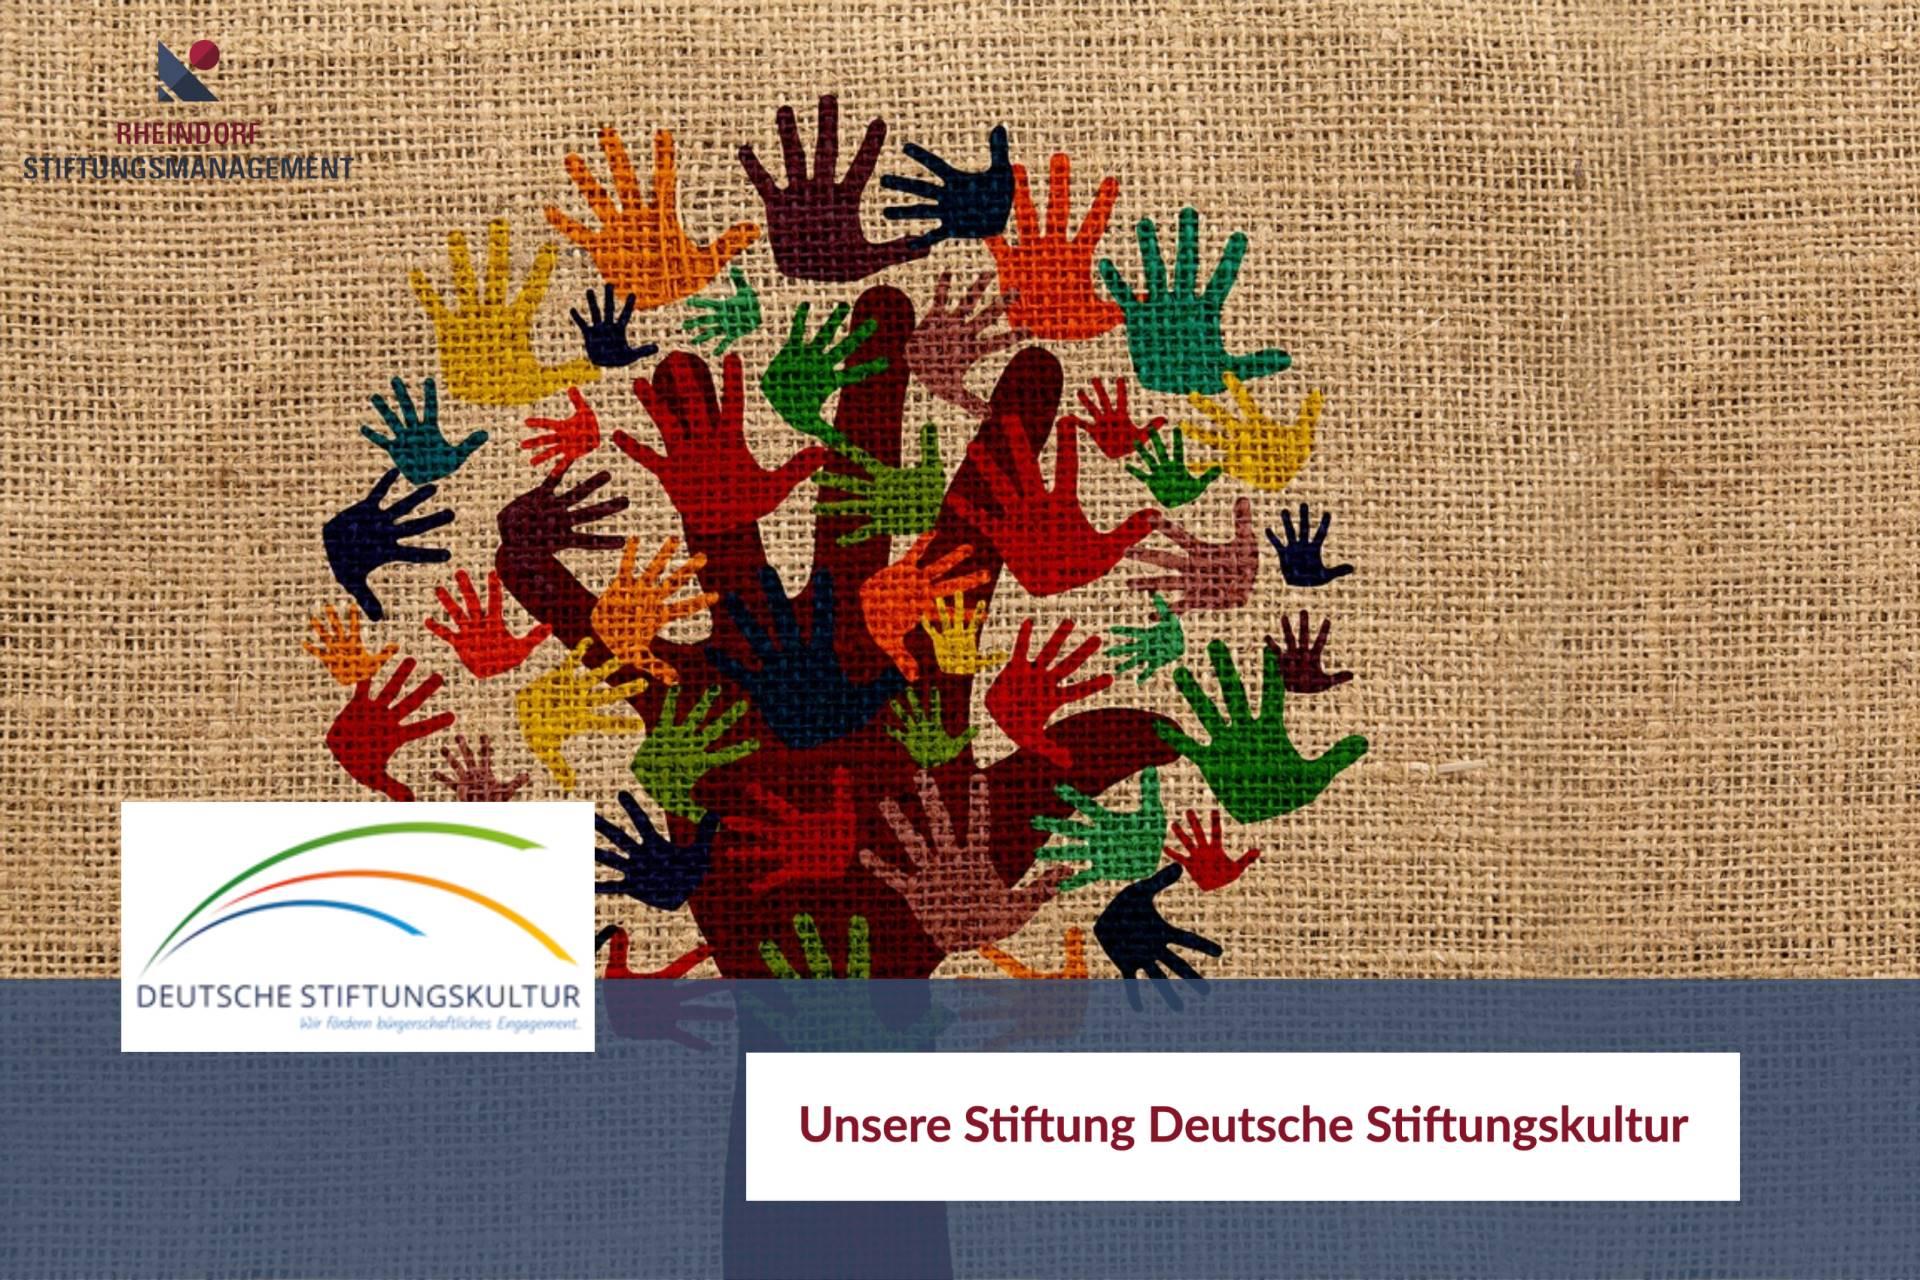 Stiftung Deutsche Stiftungskultur